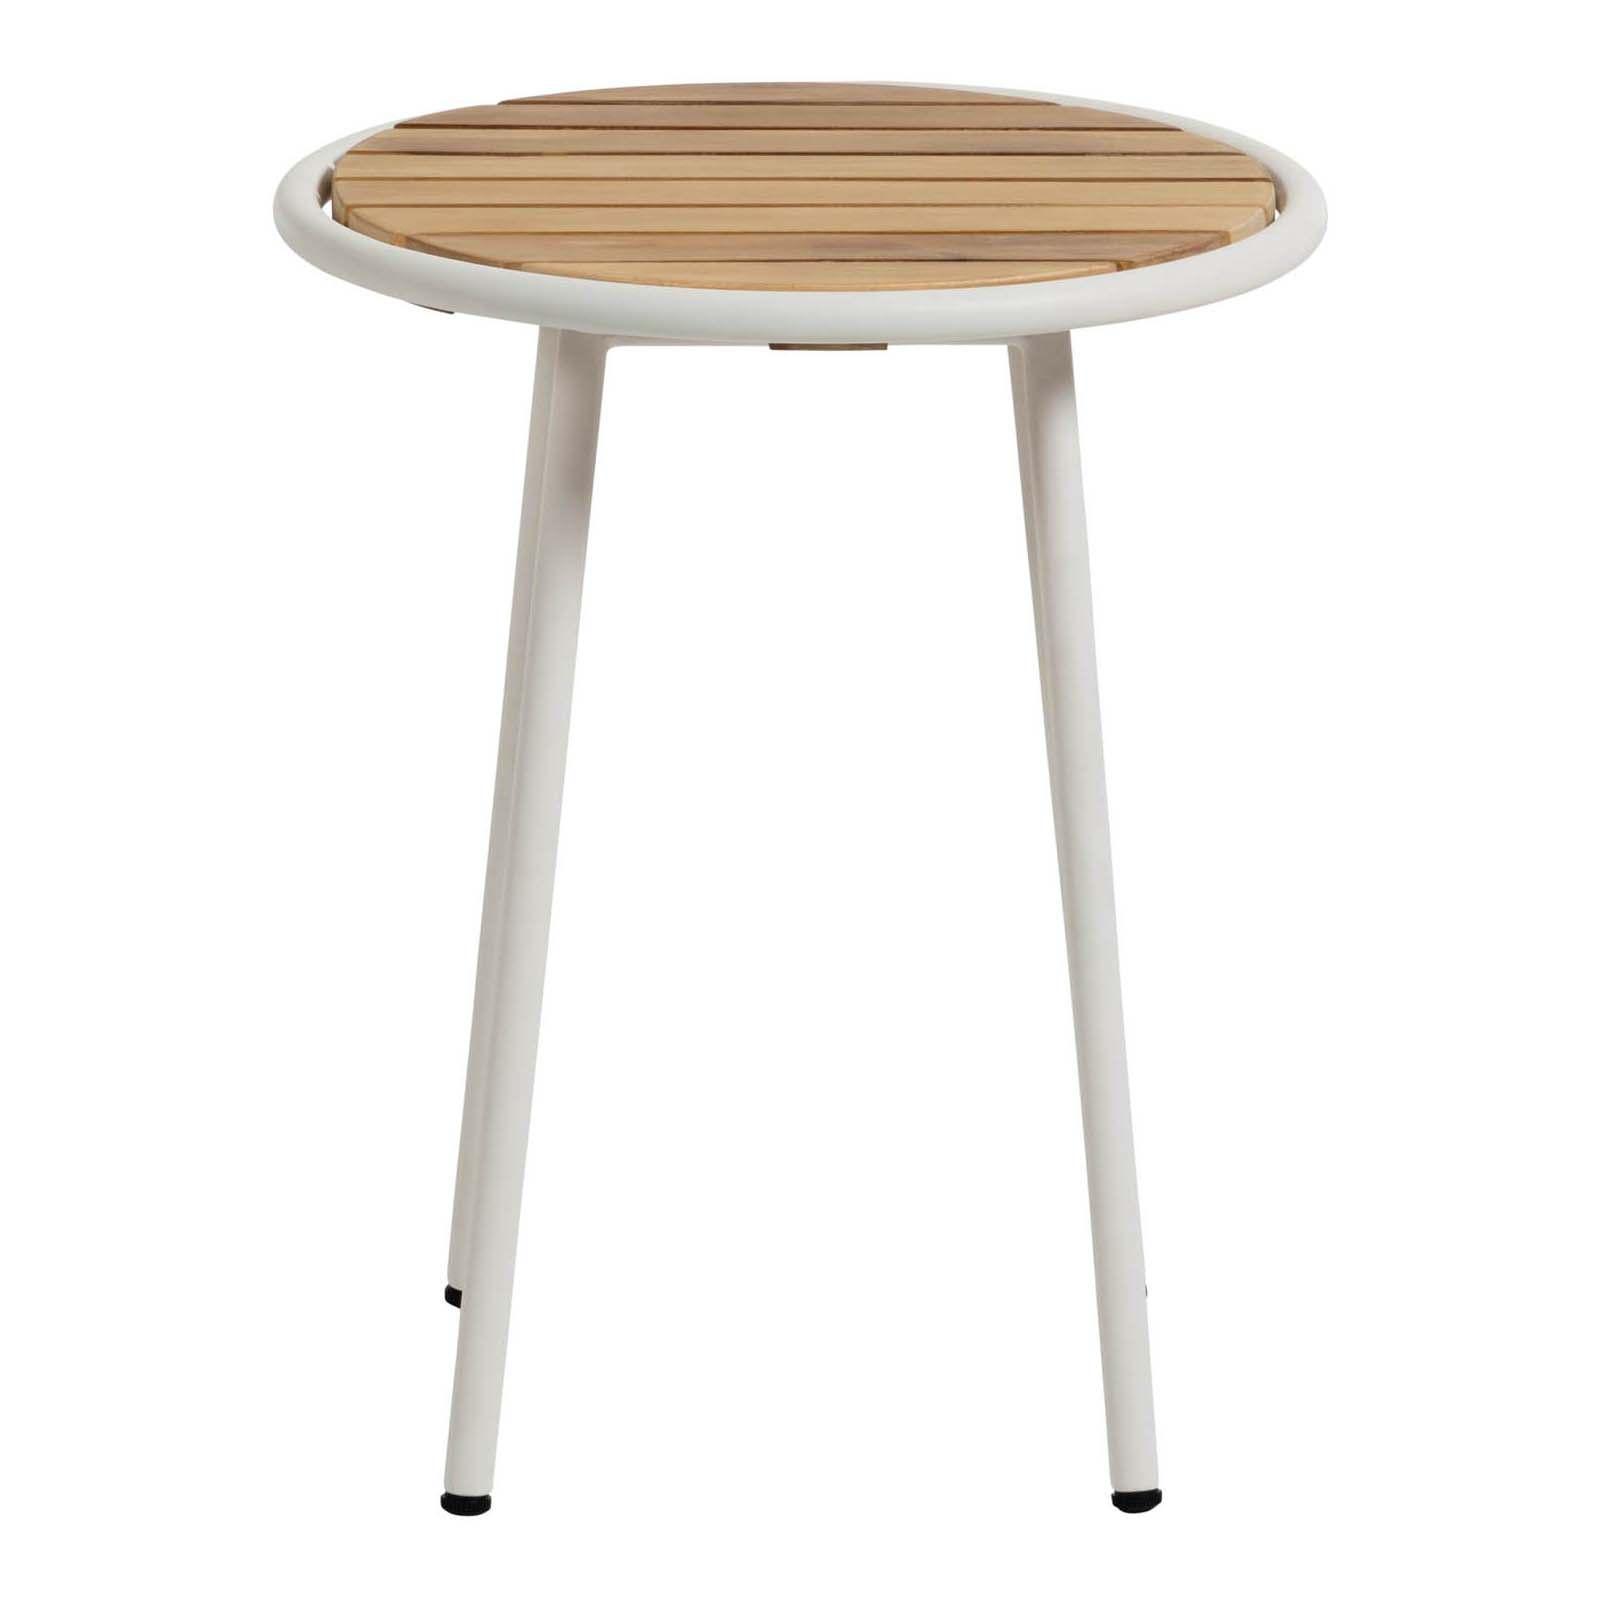 Aro Acacia Timber & Steel Alresco Round Side Table